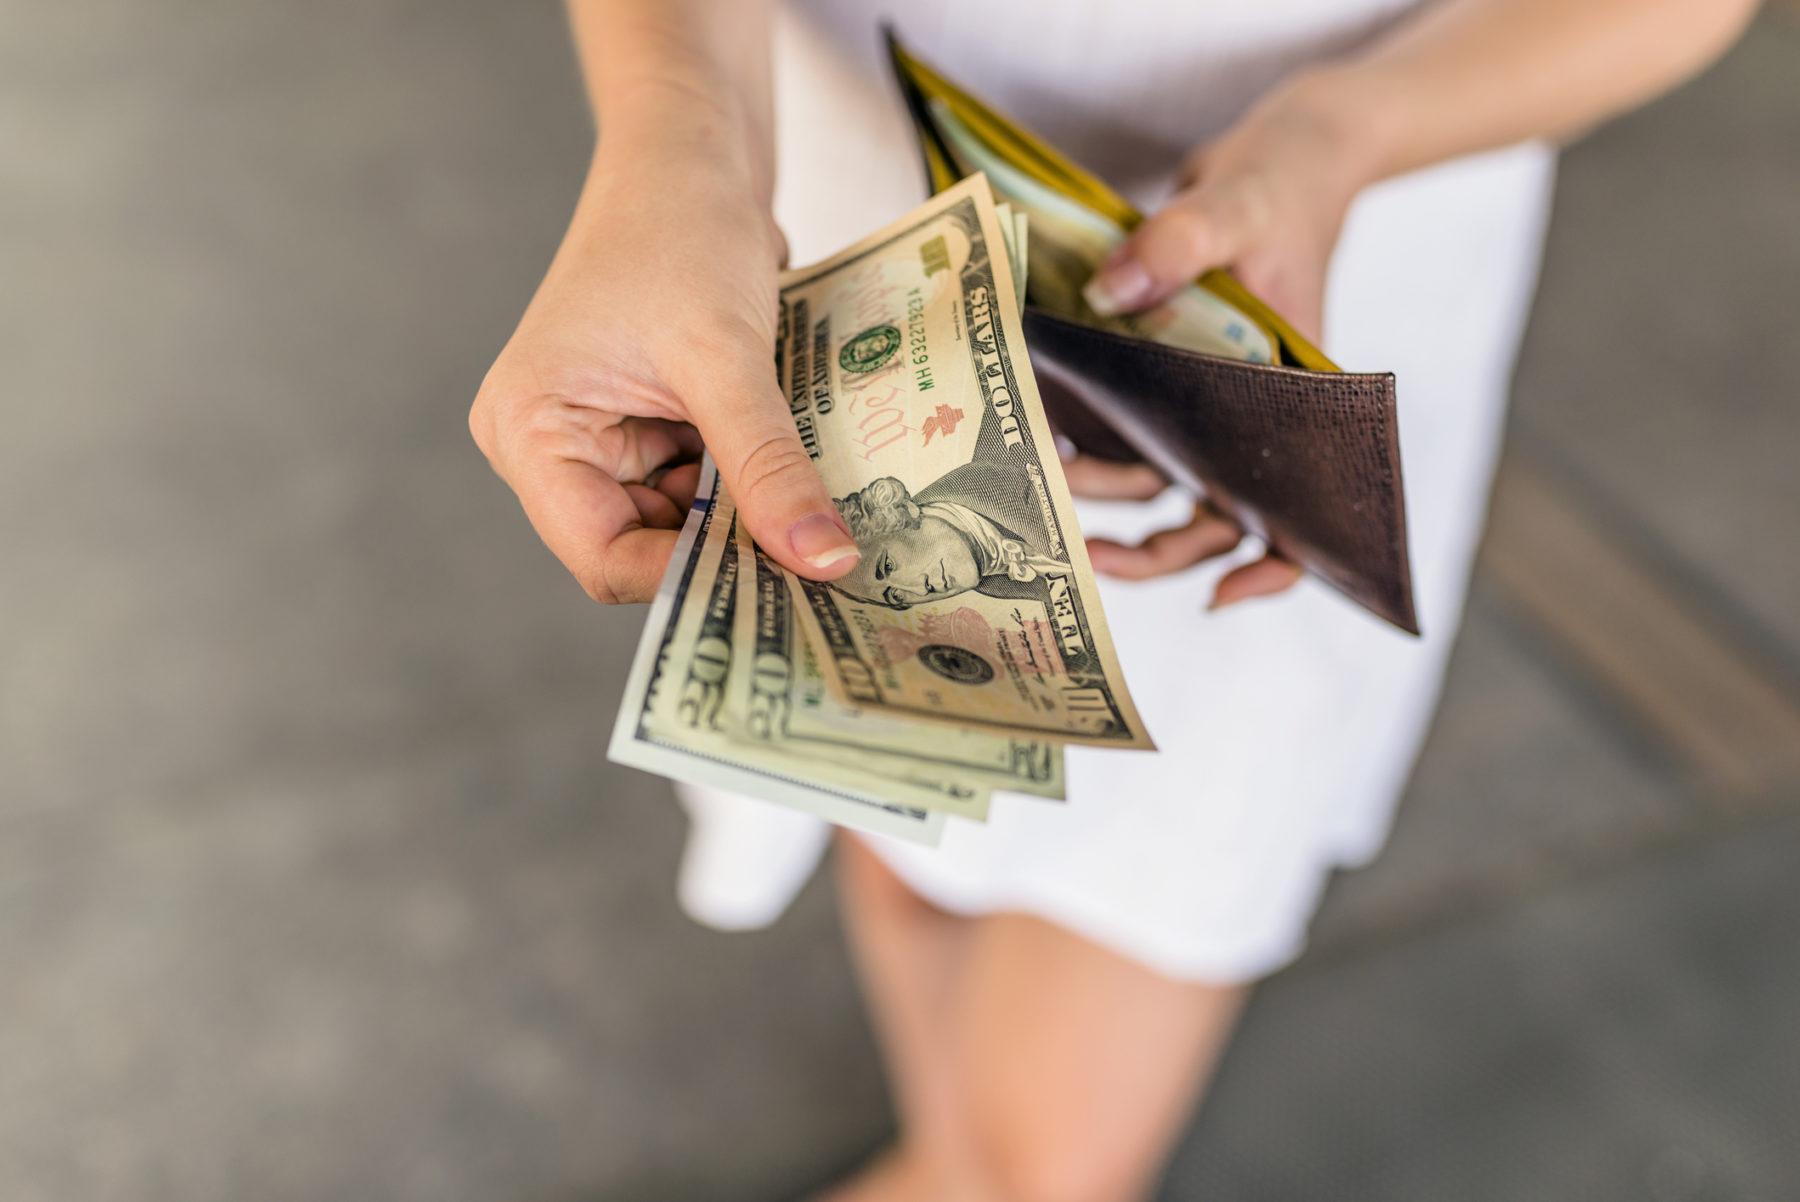 FITSNews – South Carolina Sales Tax Holiday: 'Gimmick' Tax Cut Is Back